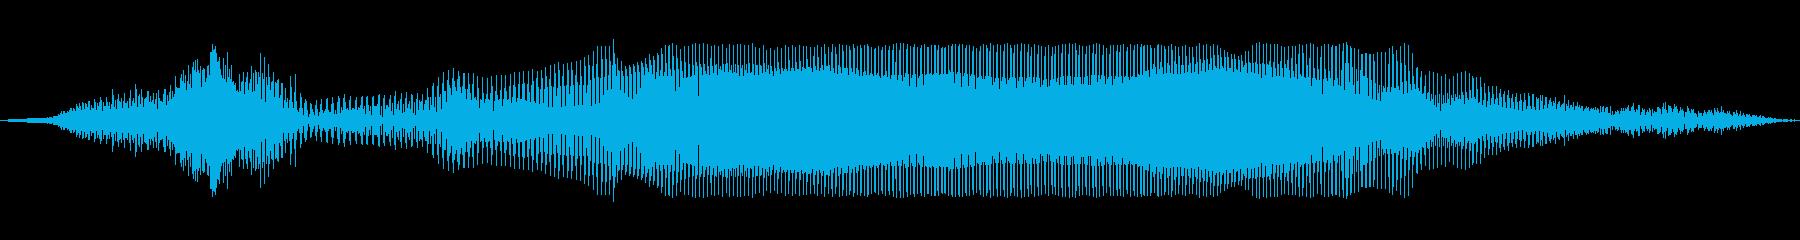 よぉーい…の再生済みの波形